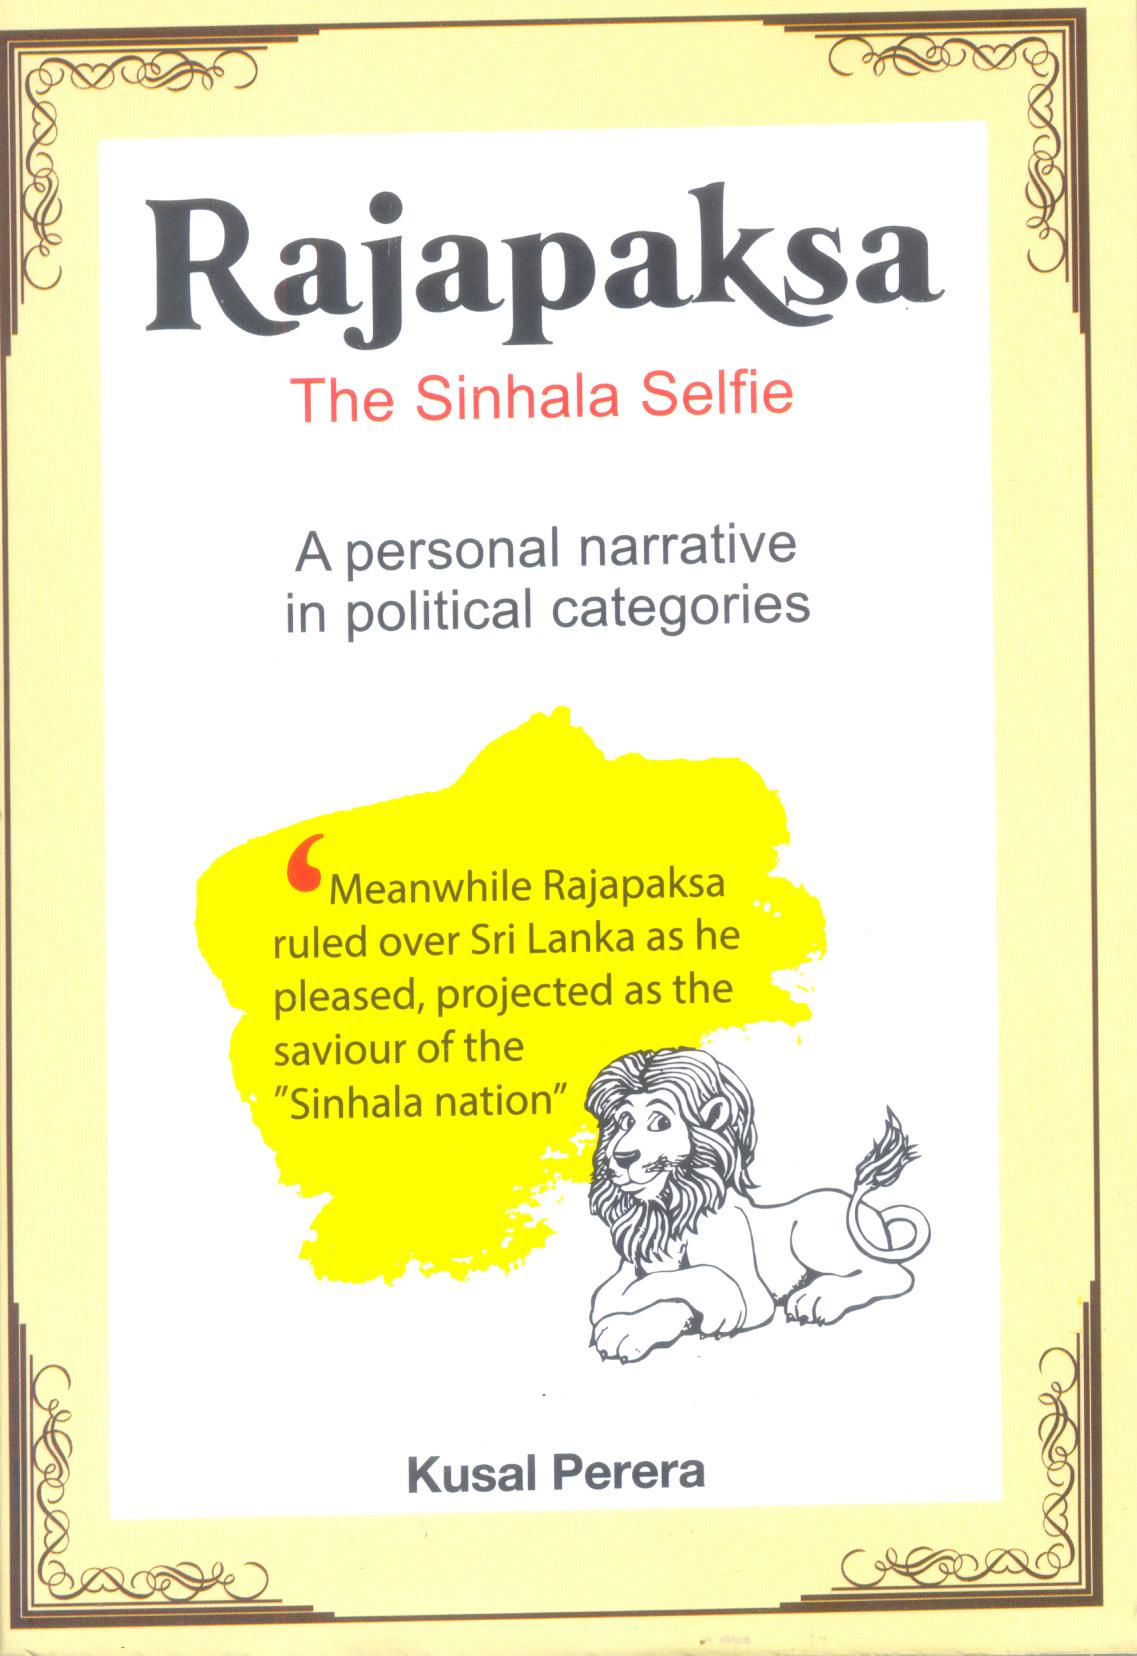 Rajapaksa The Sinhala Selfie